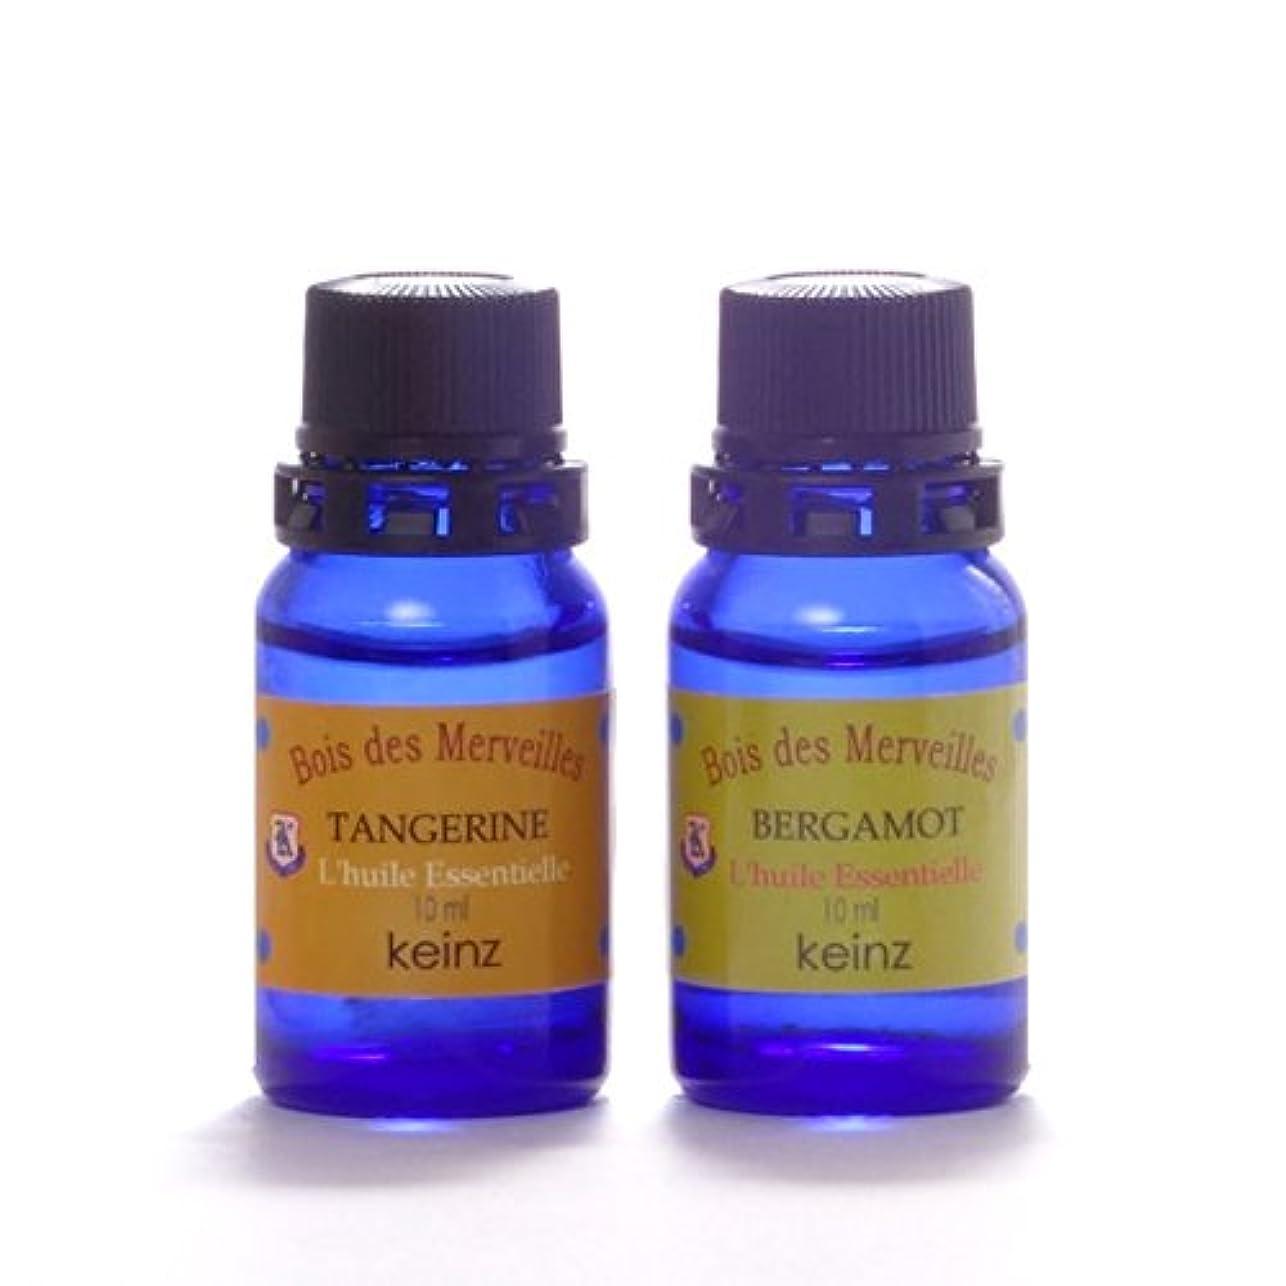 郵便番号グリップアラブkeinzエッセンシャルオイル「タンジェリン10ml&ベルガモット10ml」2種1セット ケインズ正規品 製造国アメリカ 水蒸気蒸留法による100%無添加精油 人工香料は使っていません。